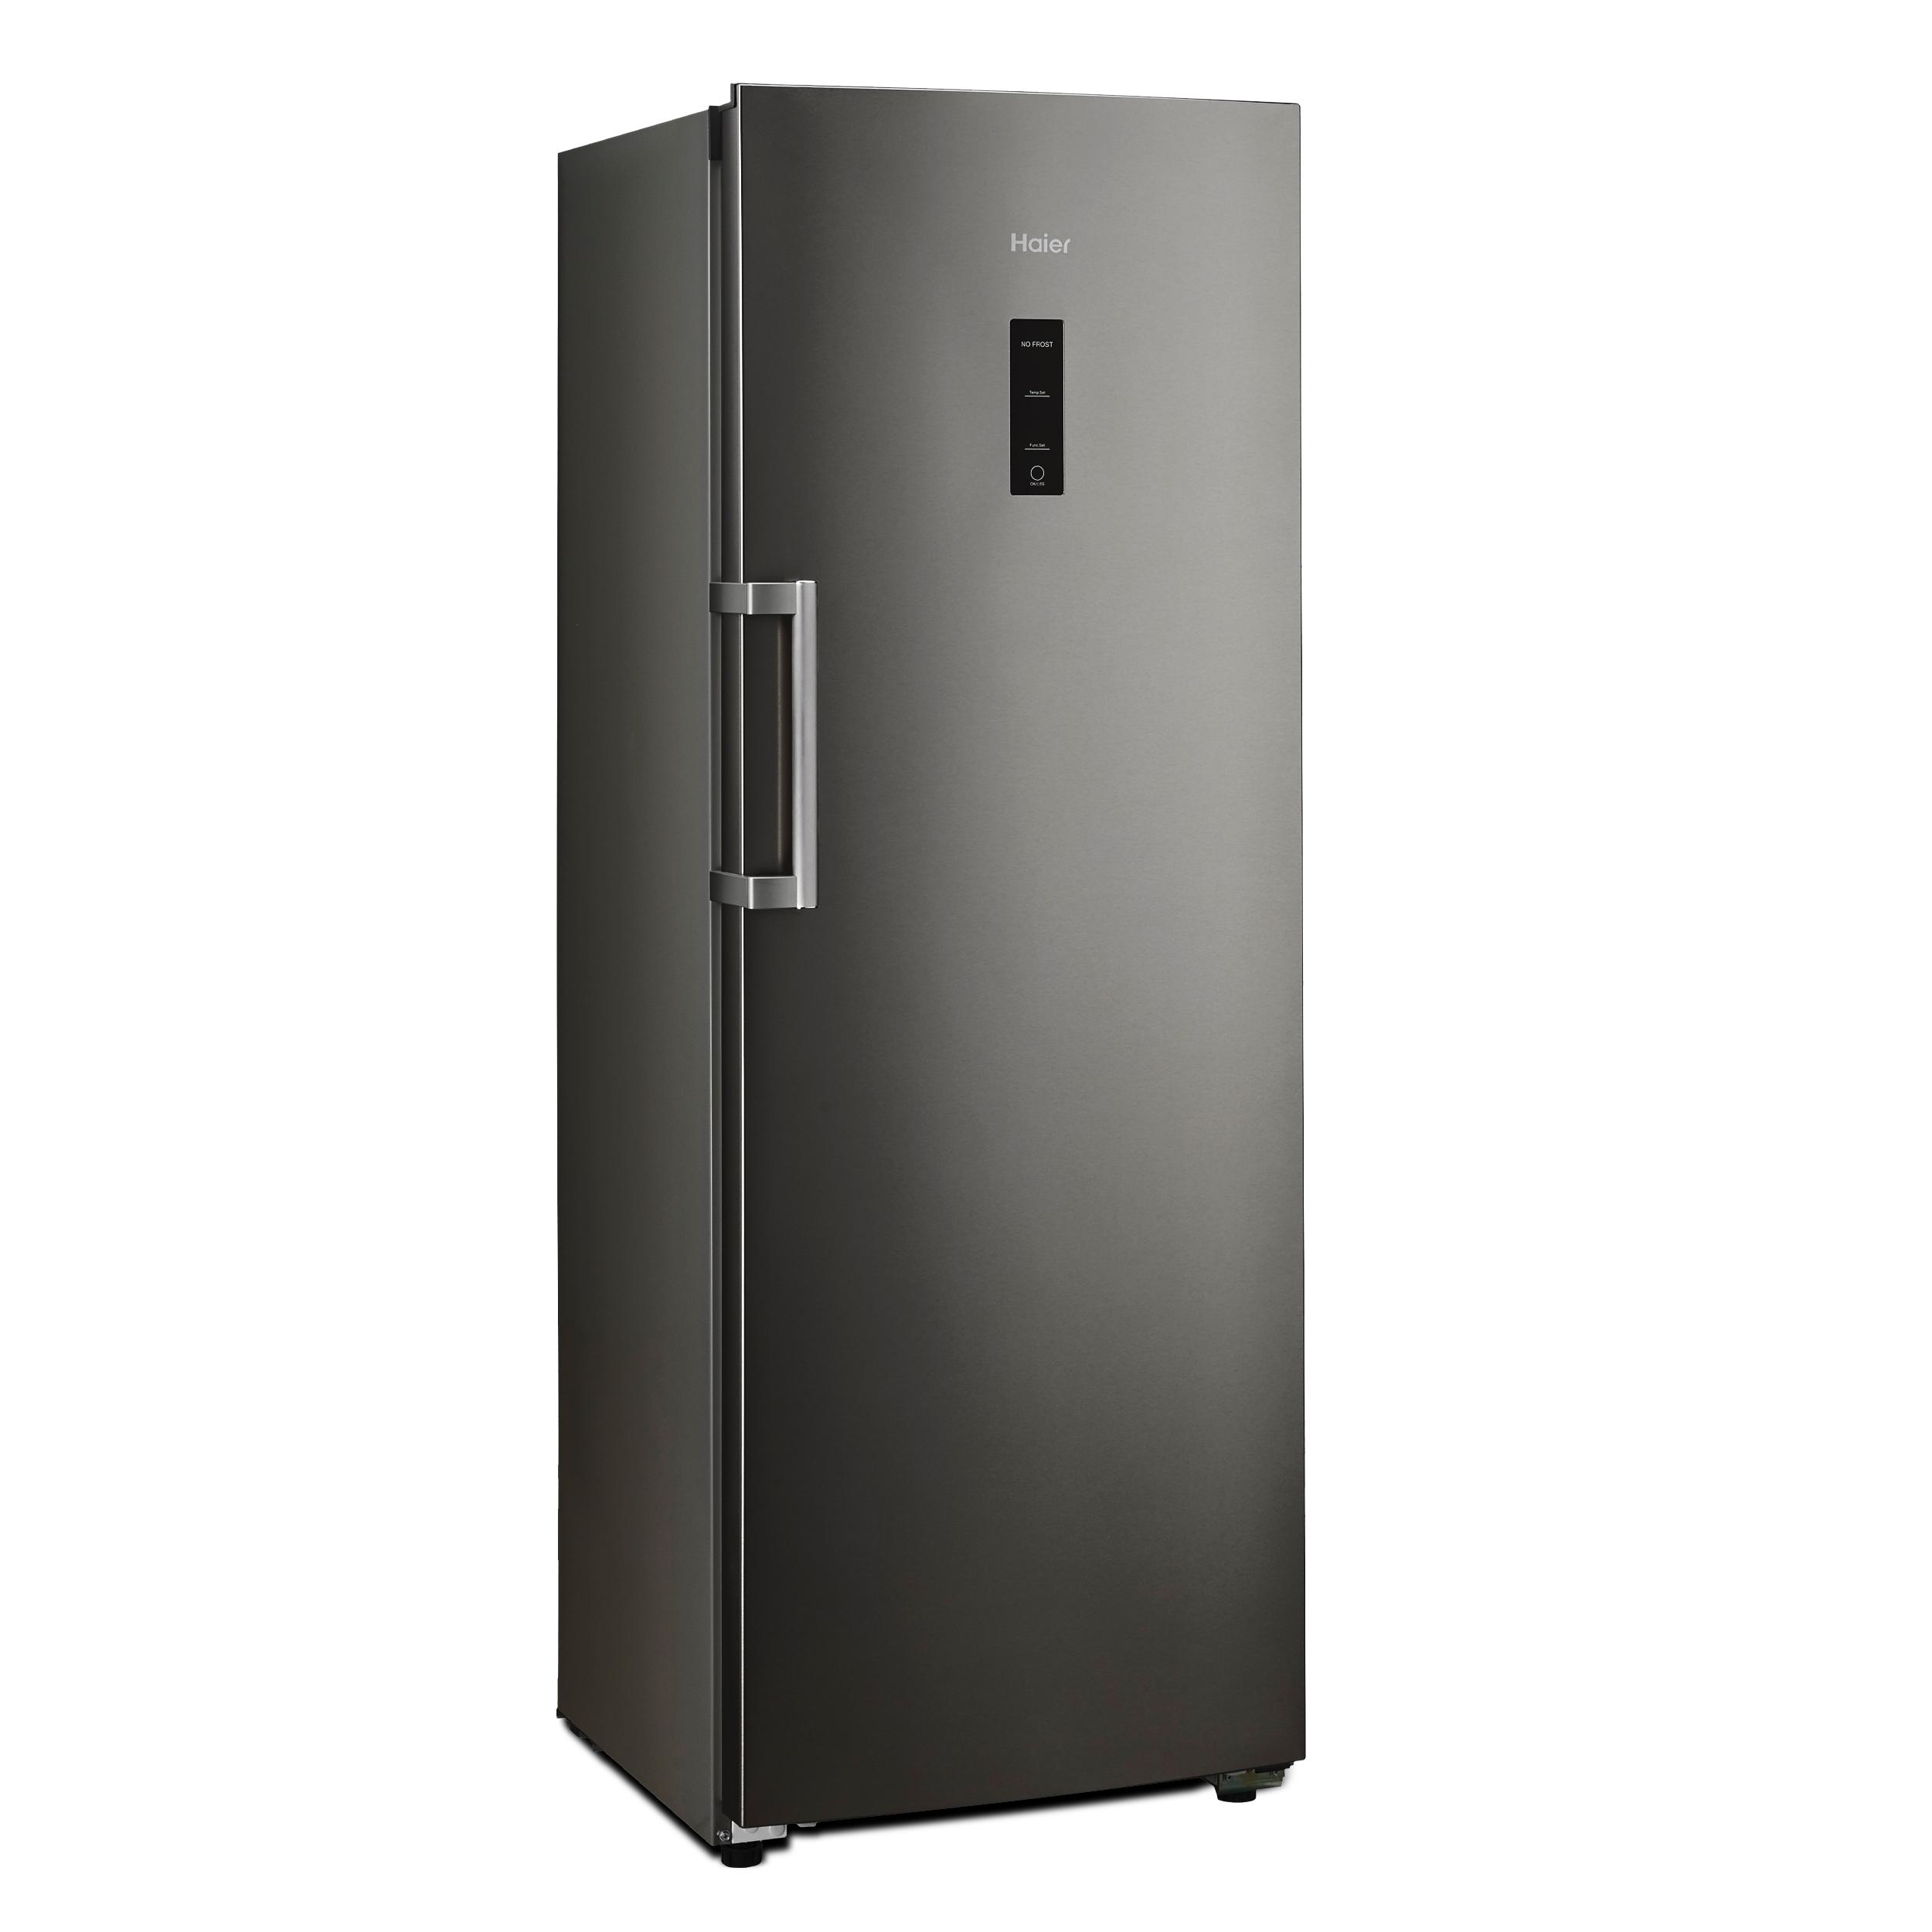 하이얼 스탠드형 가정업소용 소형냉동고 226L 방문설치, HUF226M